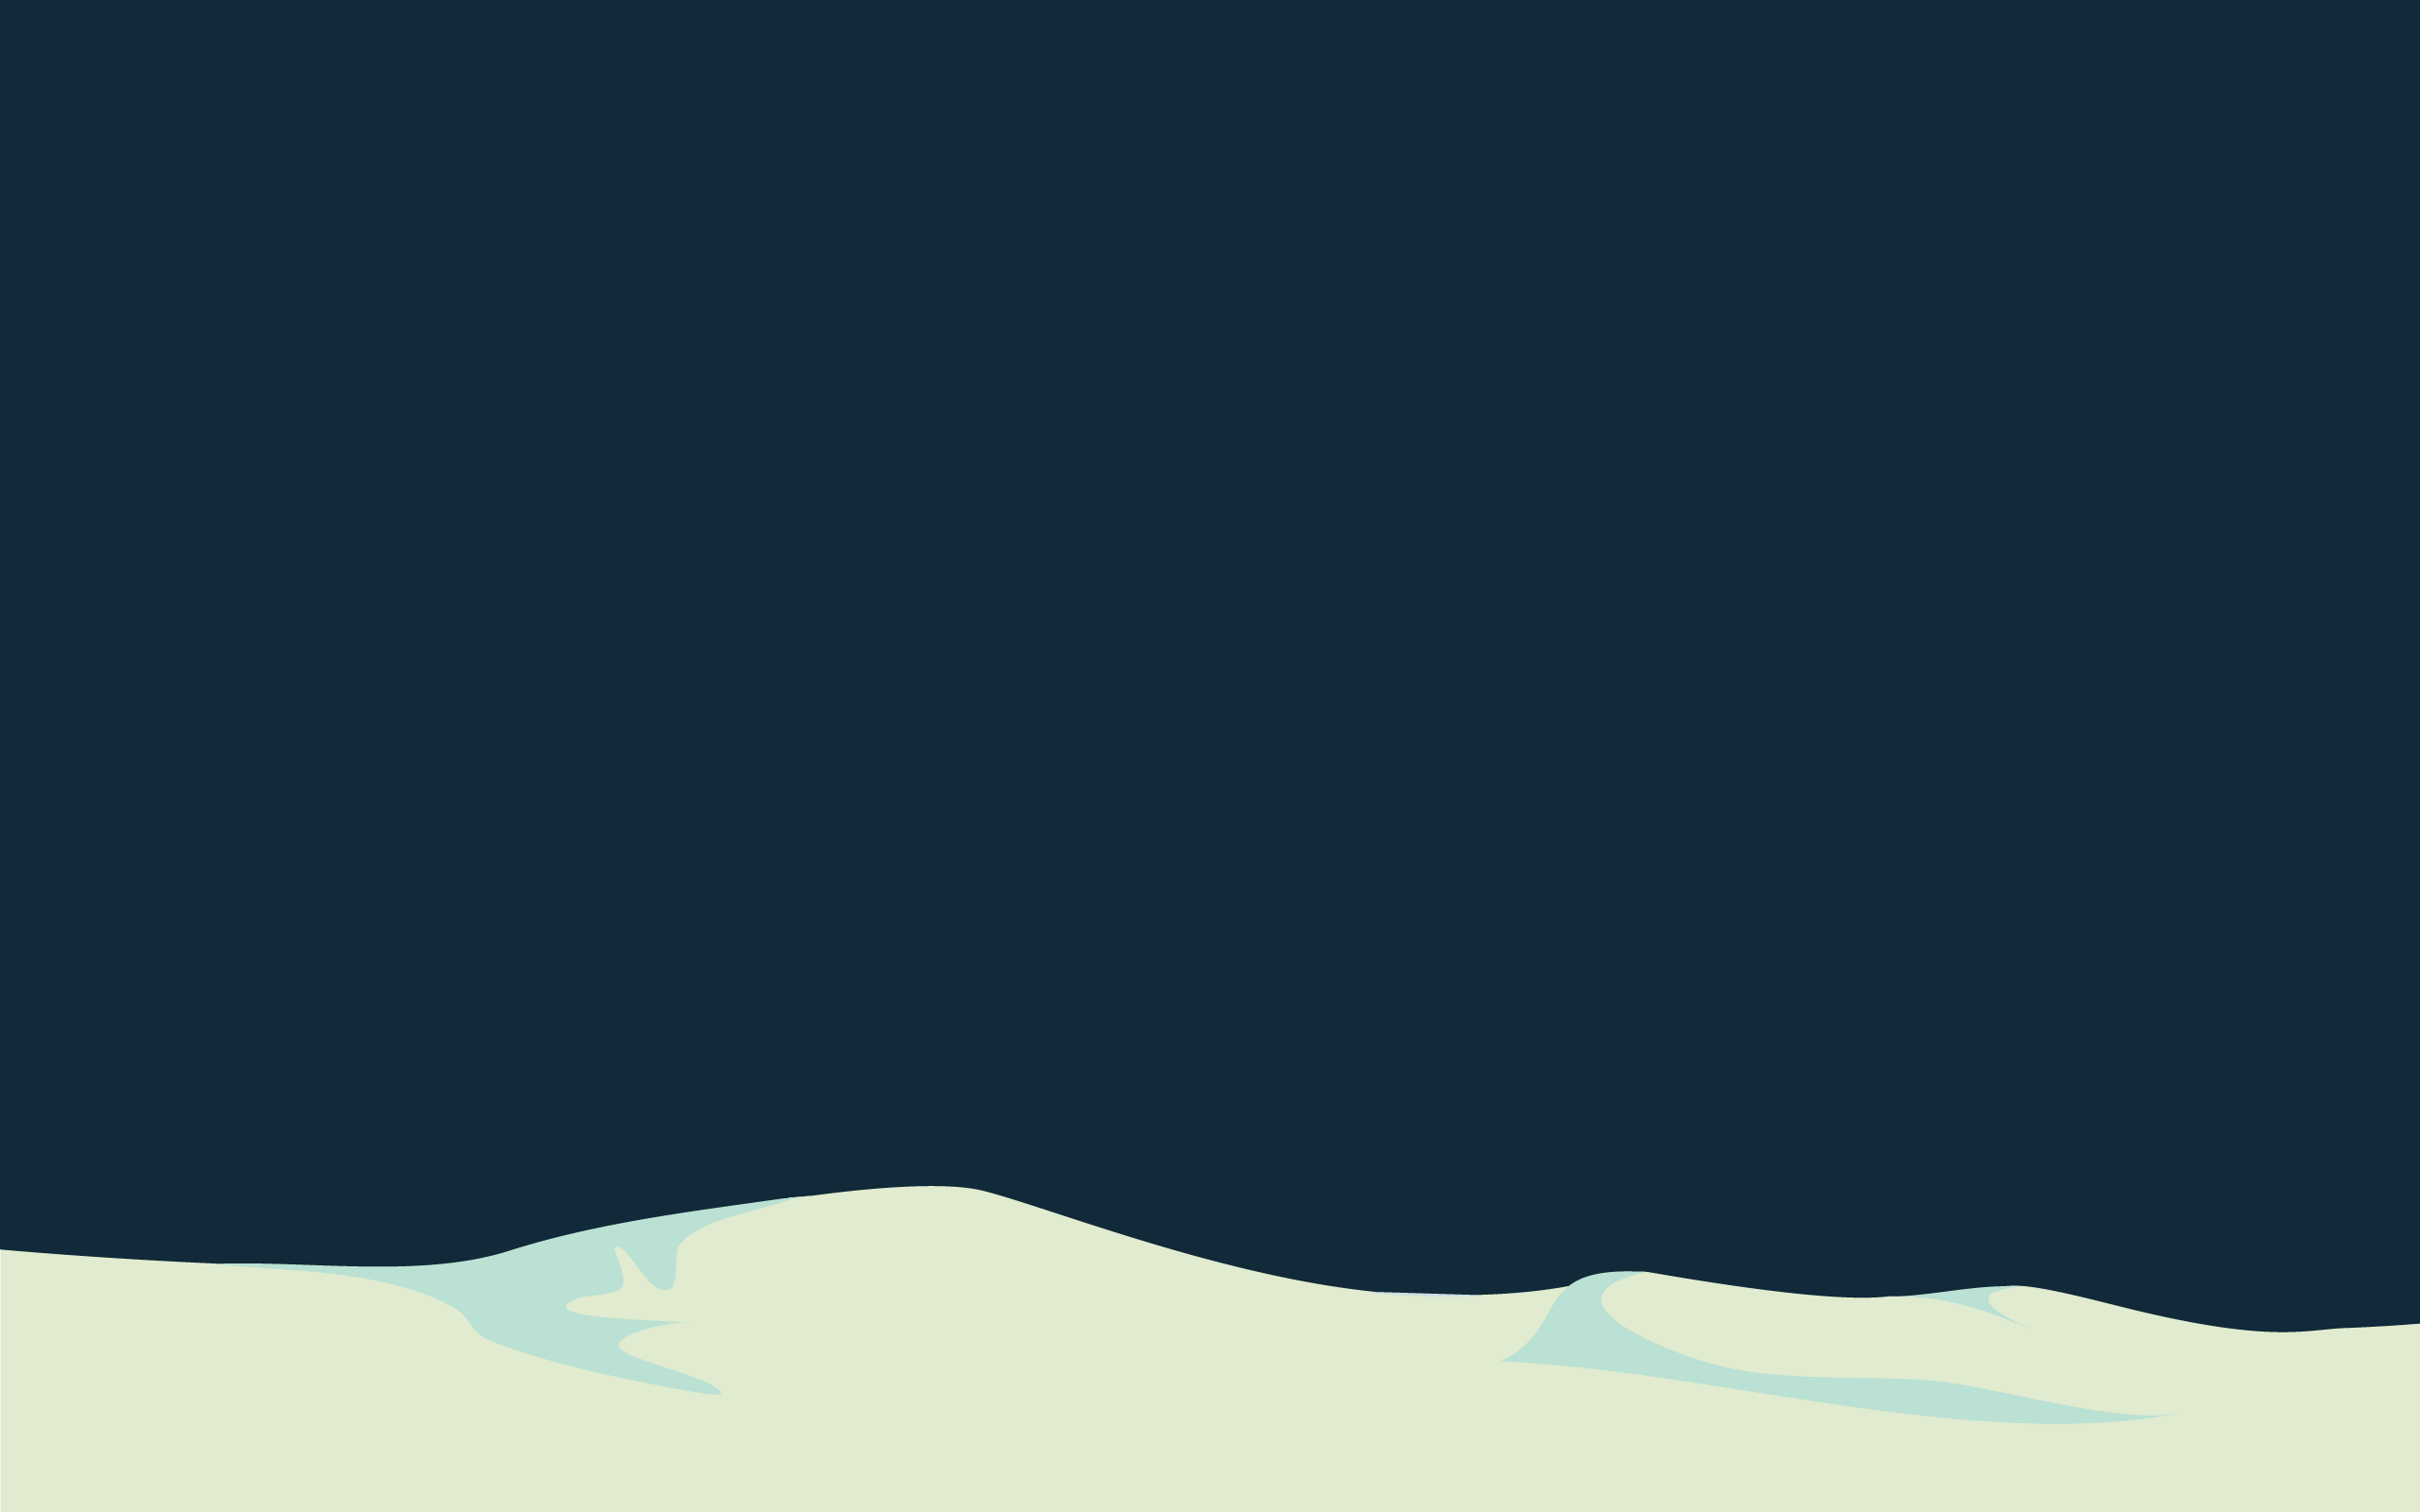 2560 x 1600. Snow drifts.